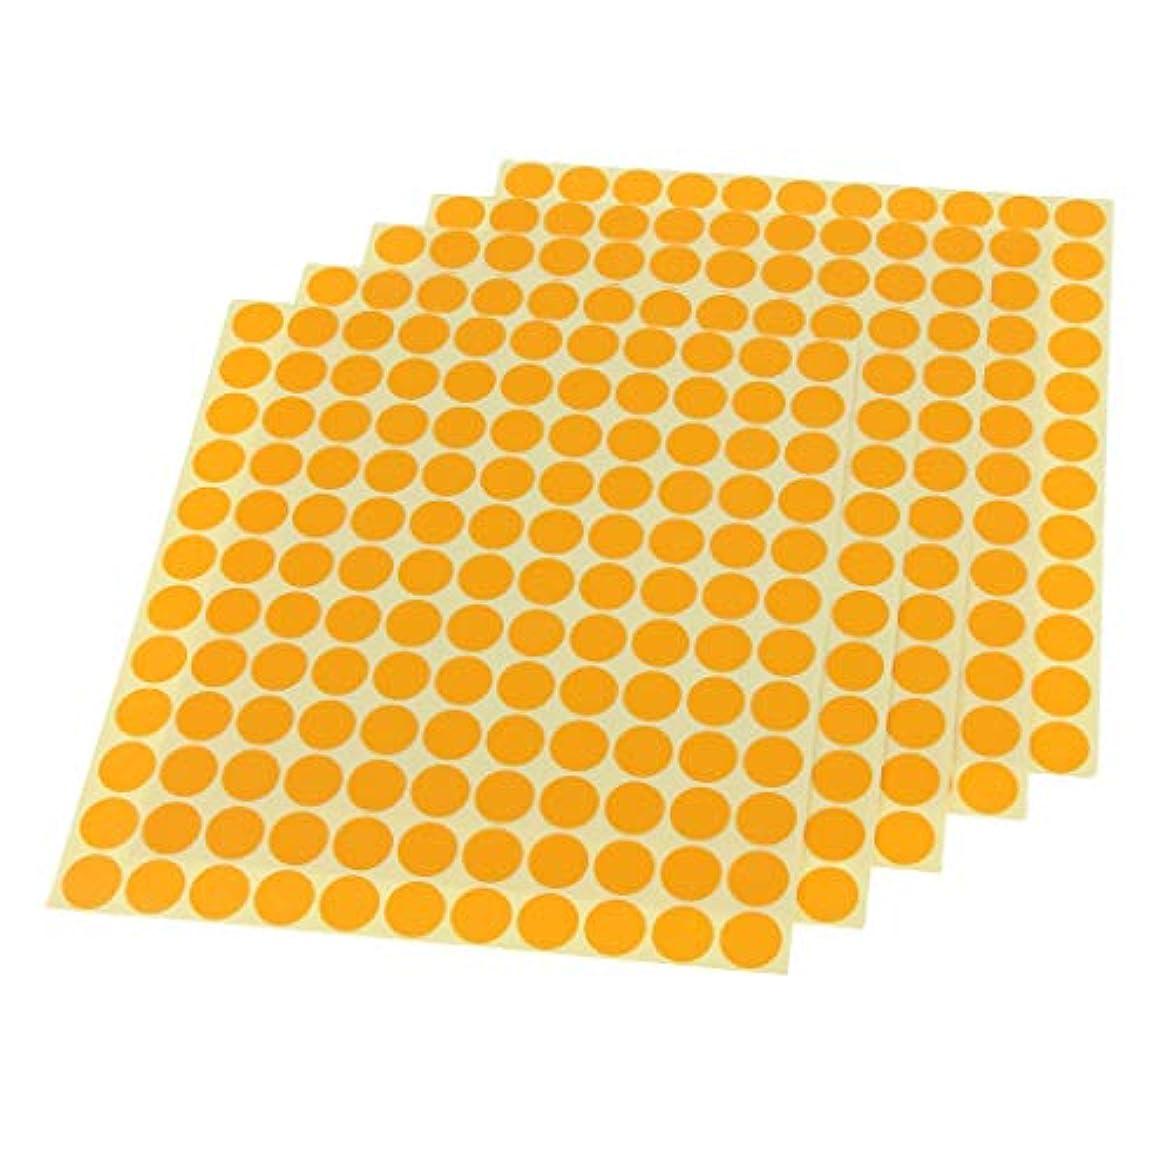 不愉快デジタルオペレーター5個入り ラベルシート エッセンシャルオイル ボトル 貼り付け ステッカー 自己接着ラベル 防水耐油 - オレンジ